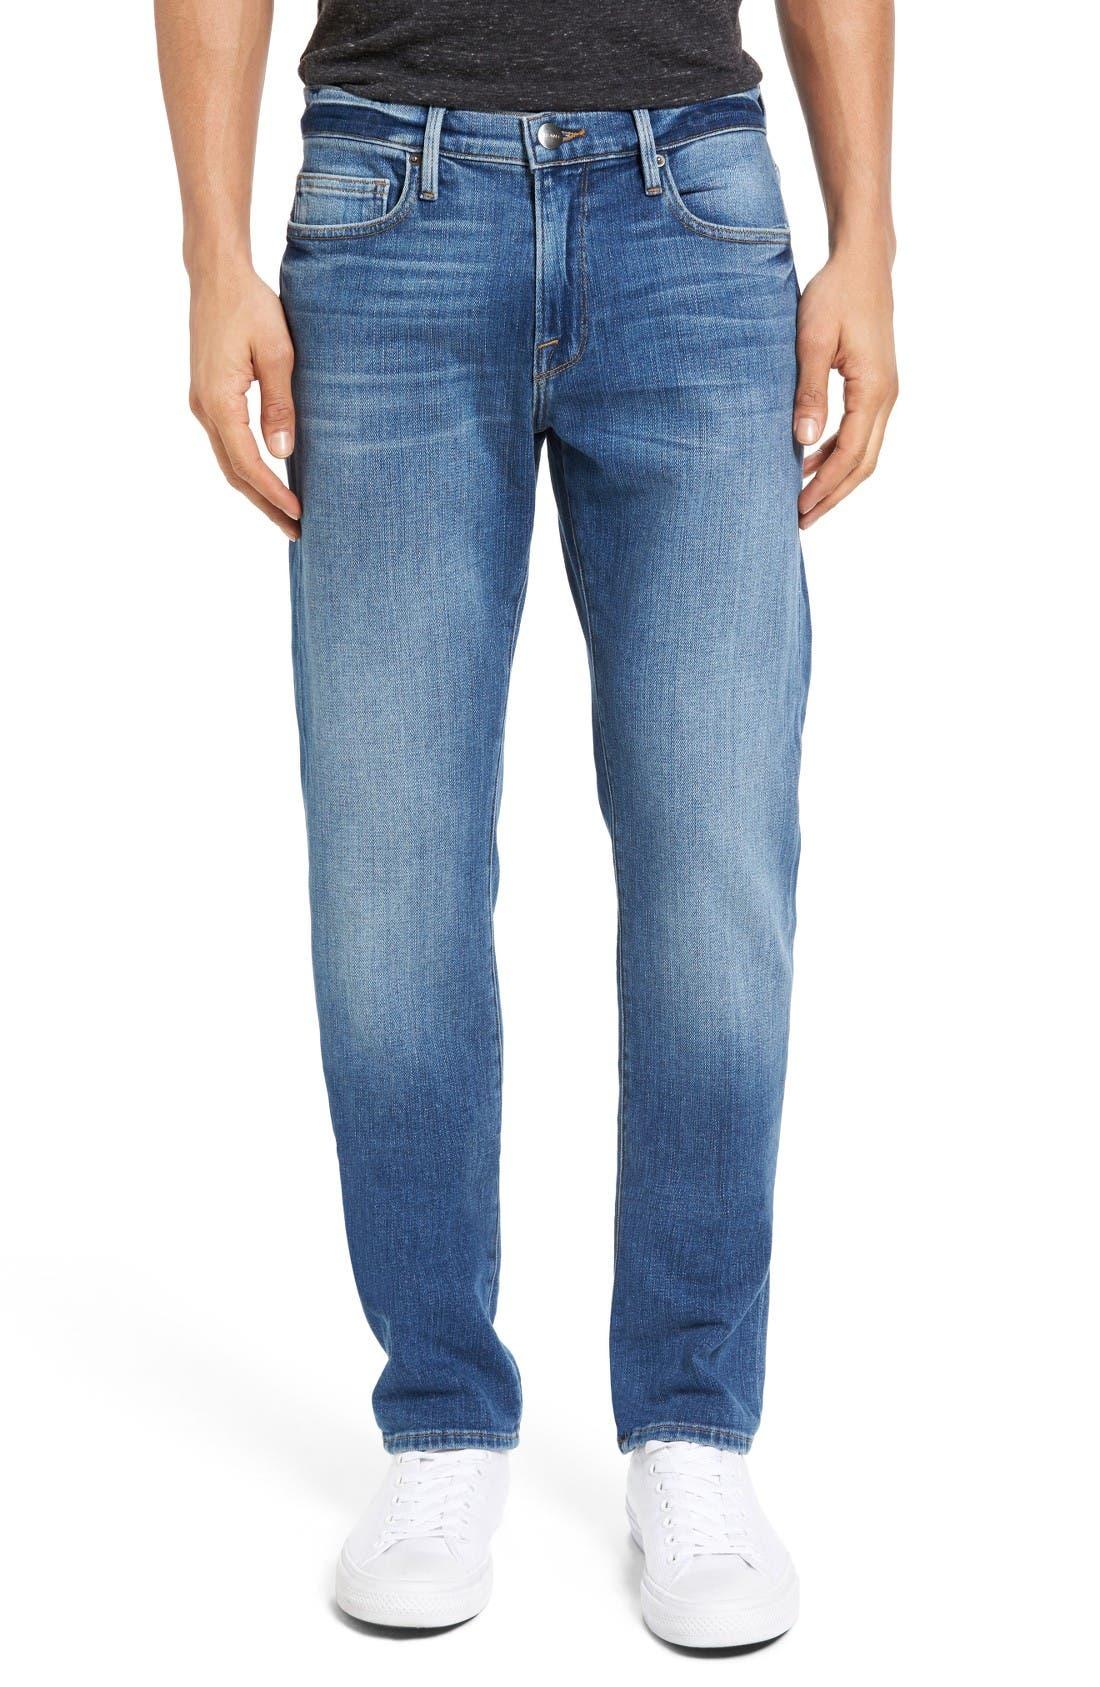 L'Homme Slim Fit Jeans,                             Main thumbnail 1, color,                             Palo Alto